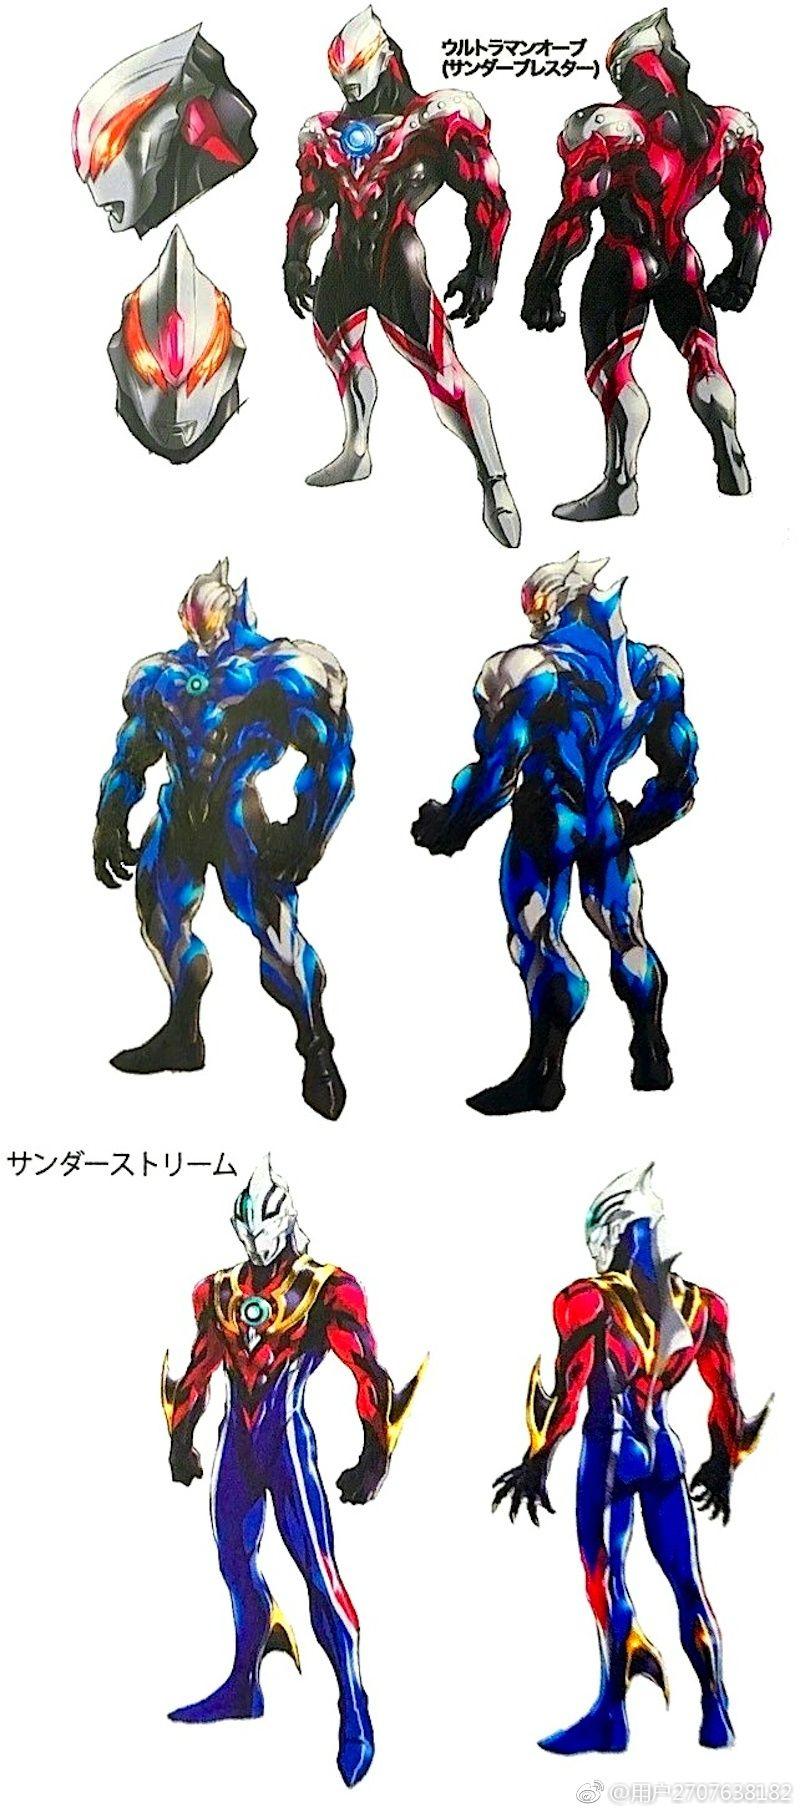 用户2707638182的照片 微相册 Ultraman Orb Art 画像あり